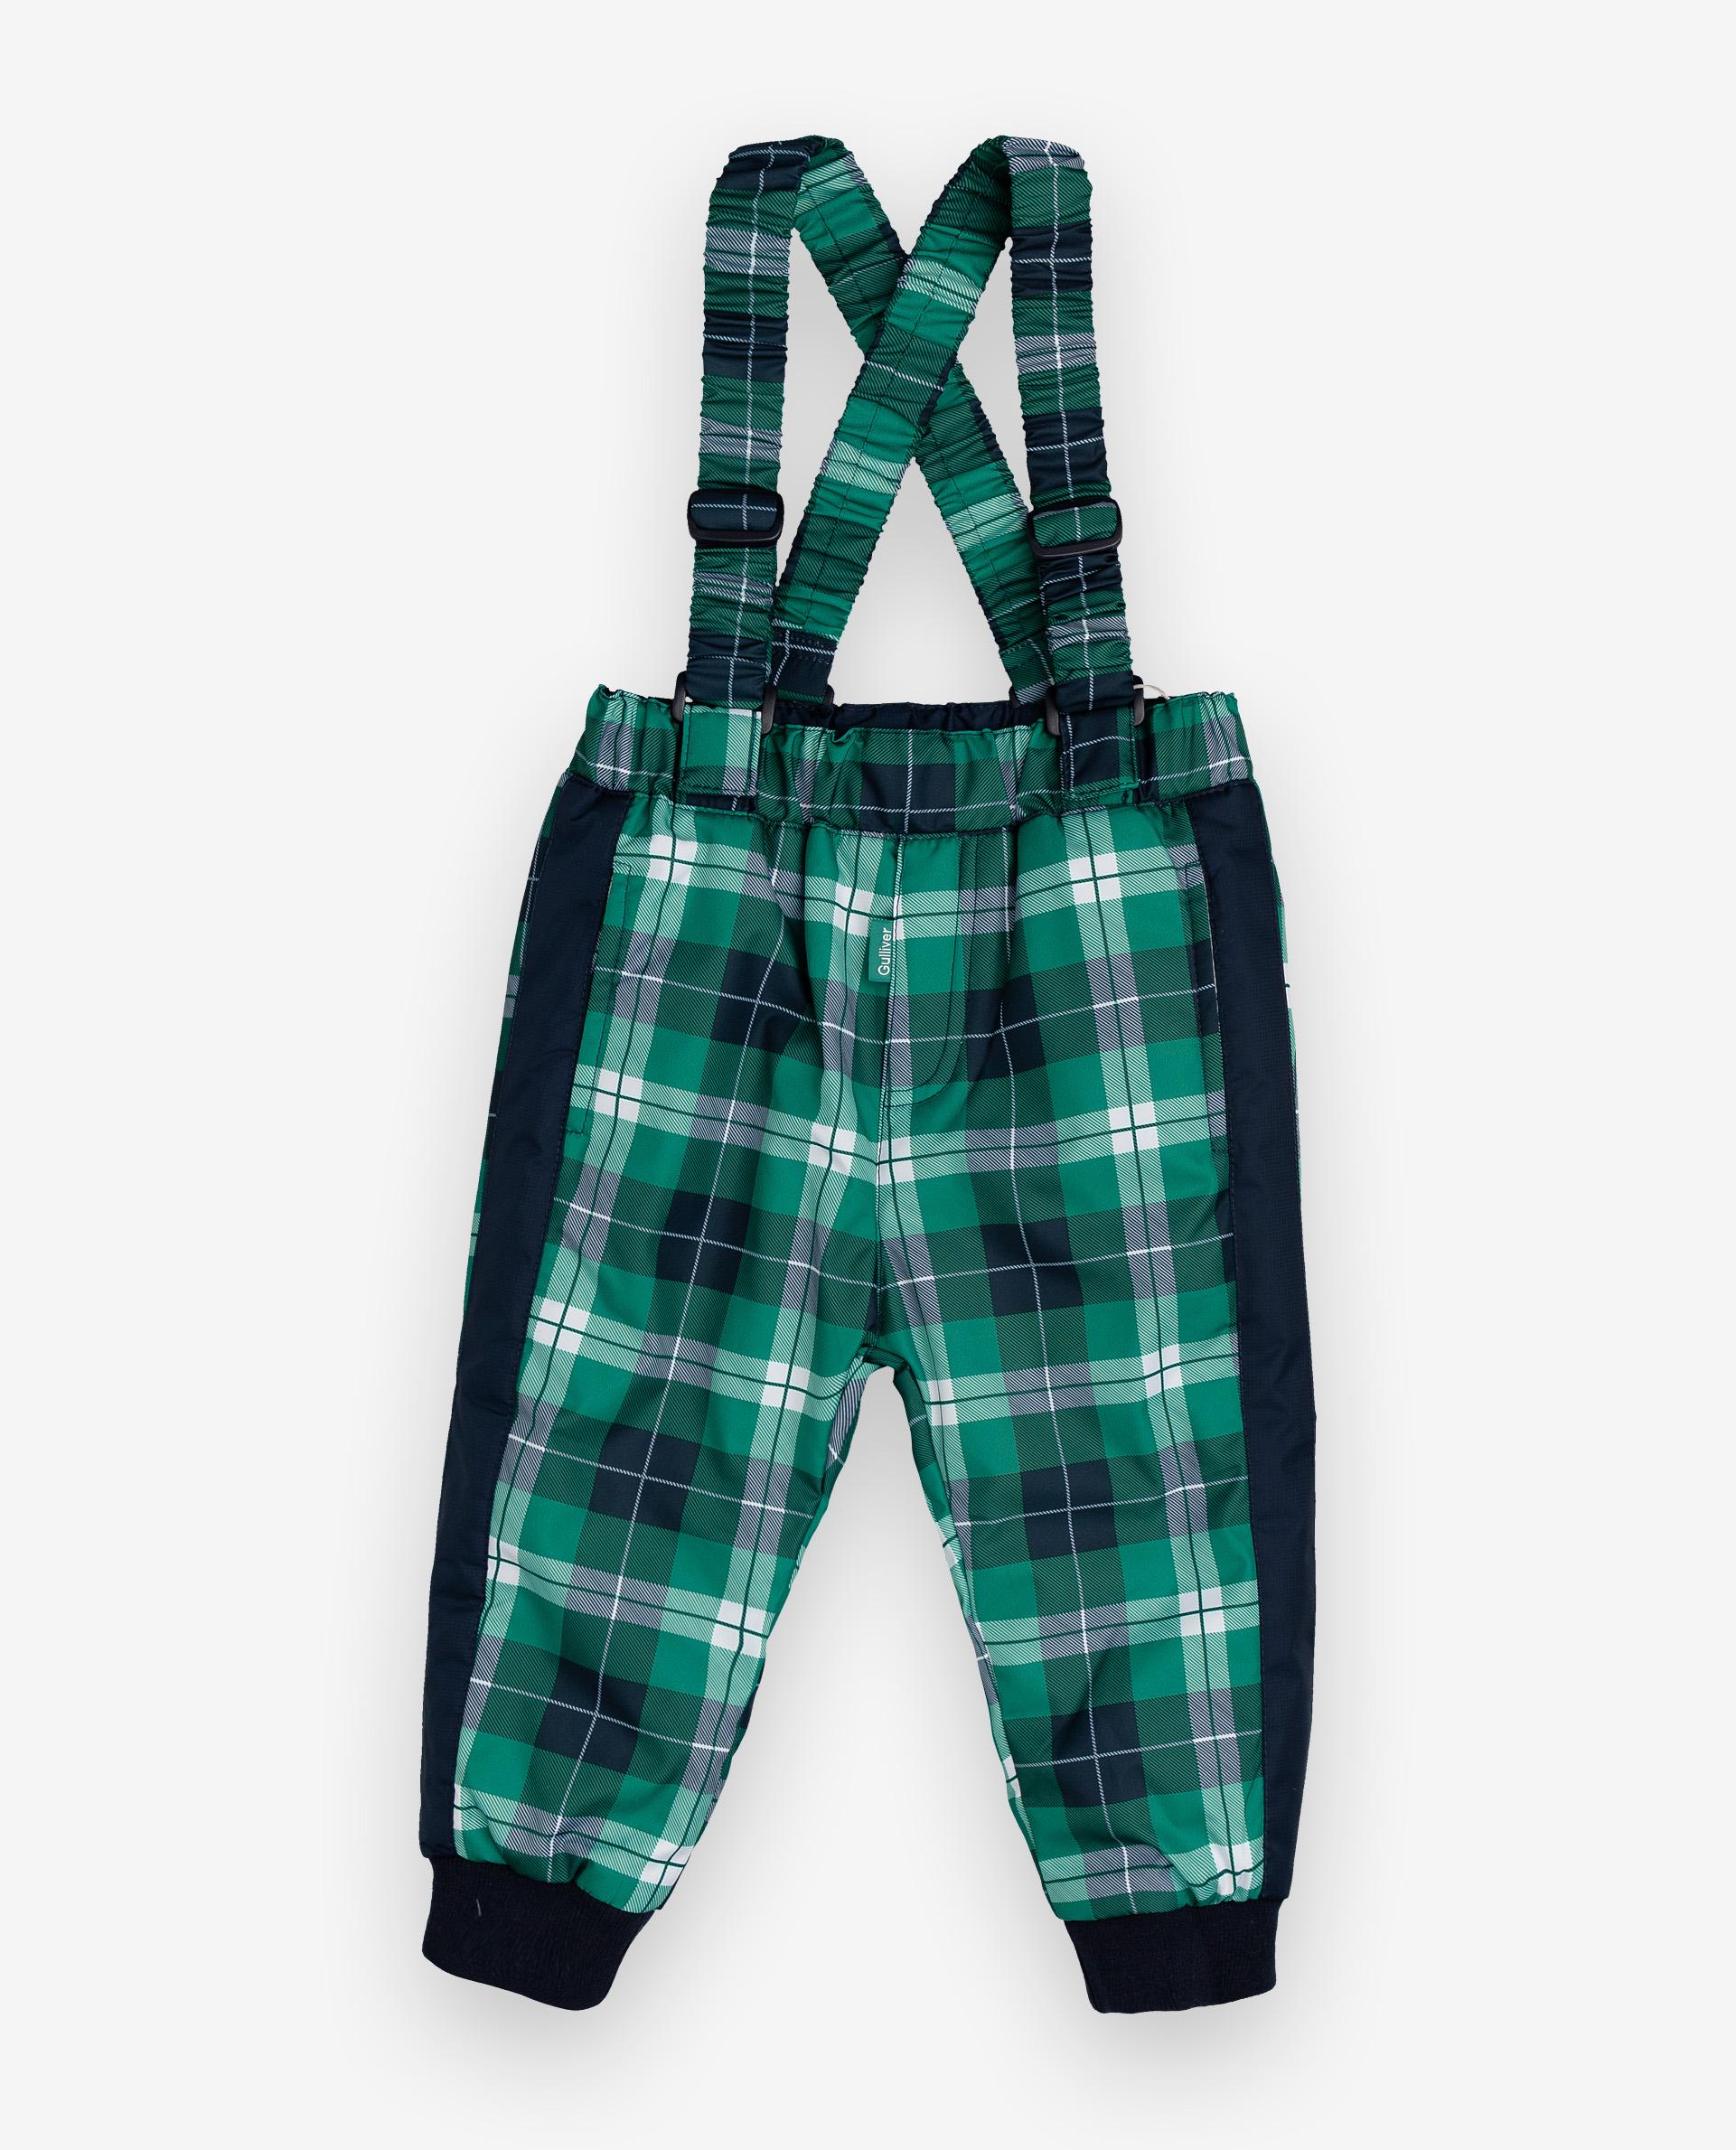 Утепленные брюки для мальчиков Gulliver, цв. зеленый, р.86 12033BBC6401